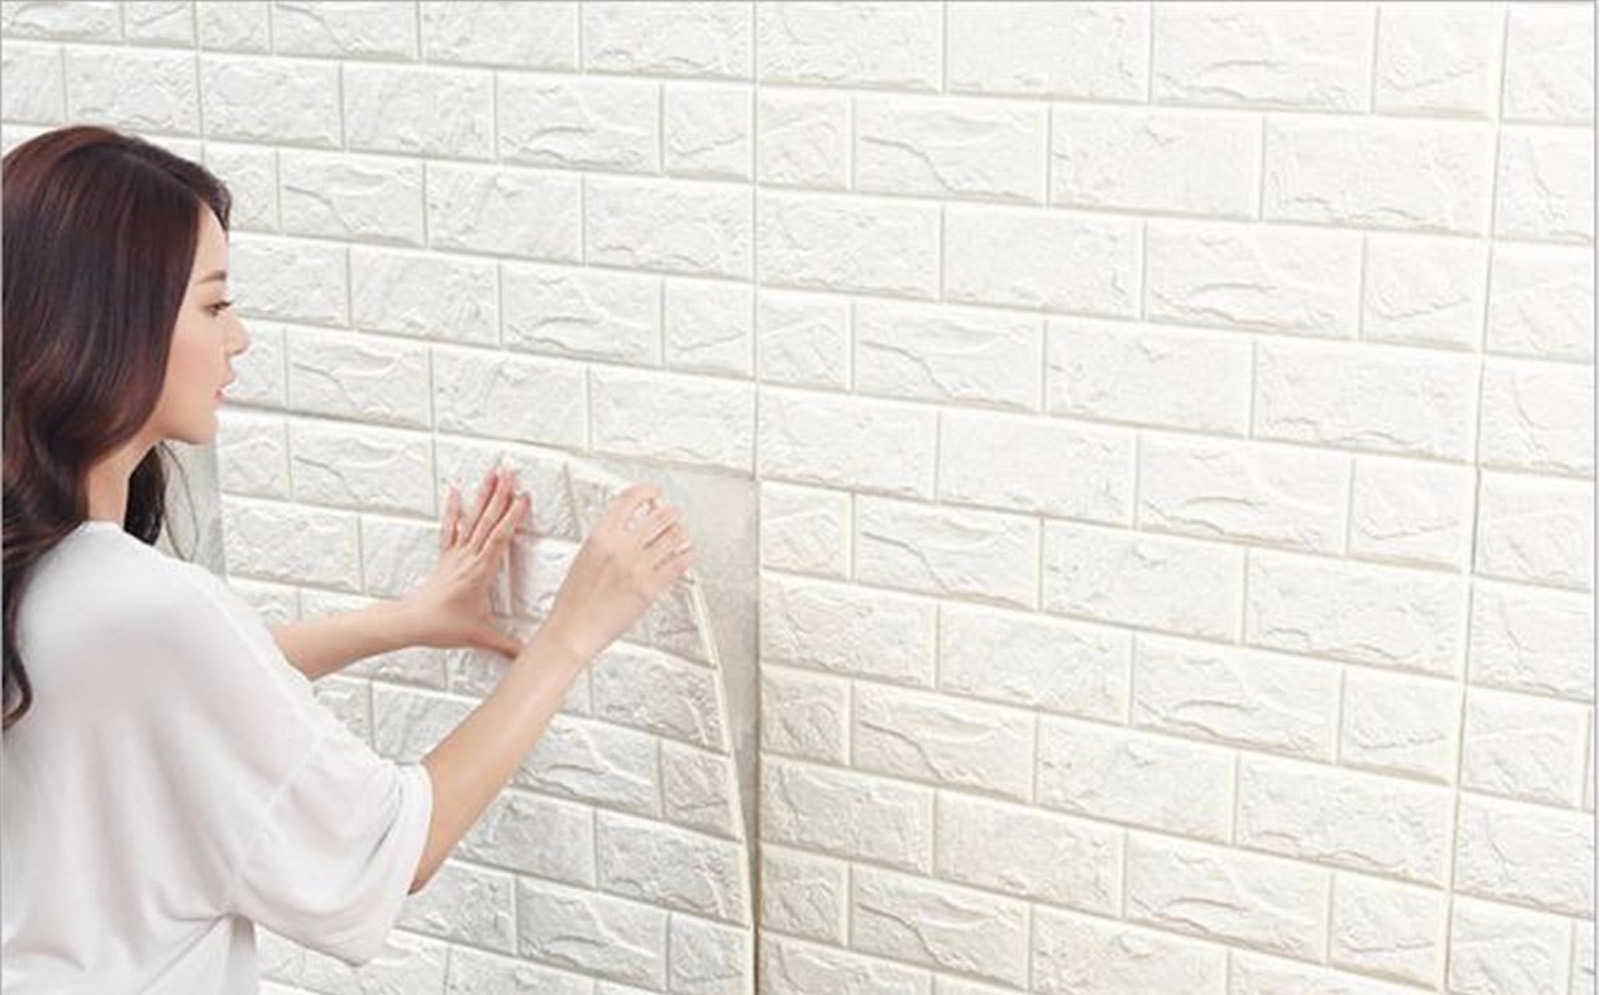 دیوارپوش فومی چیست؟